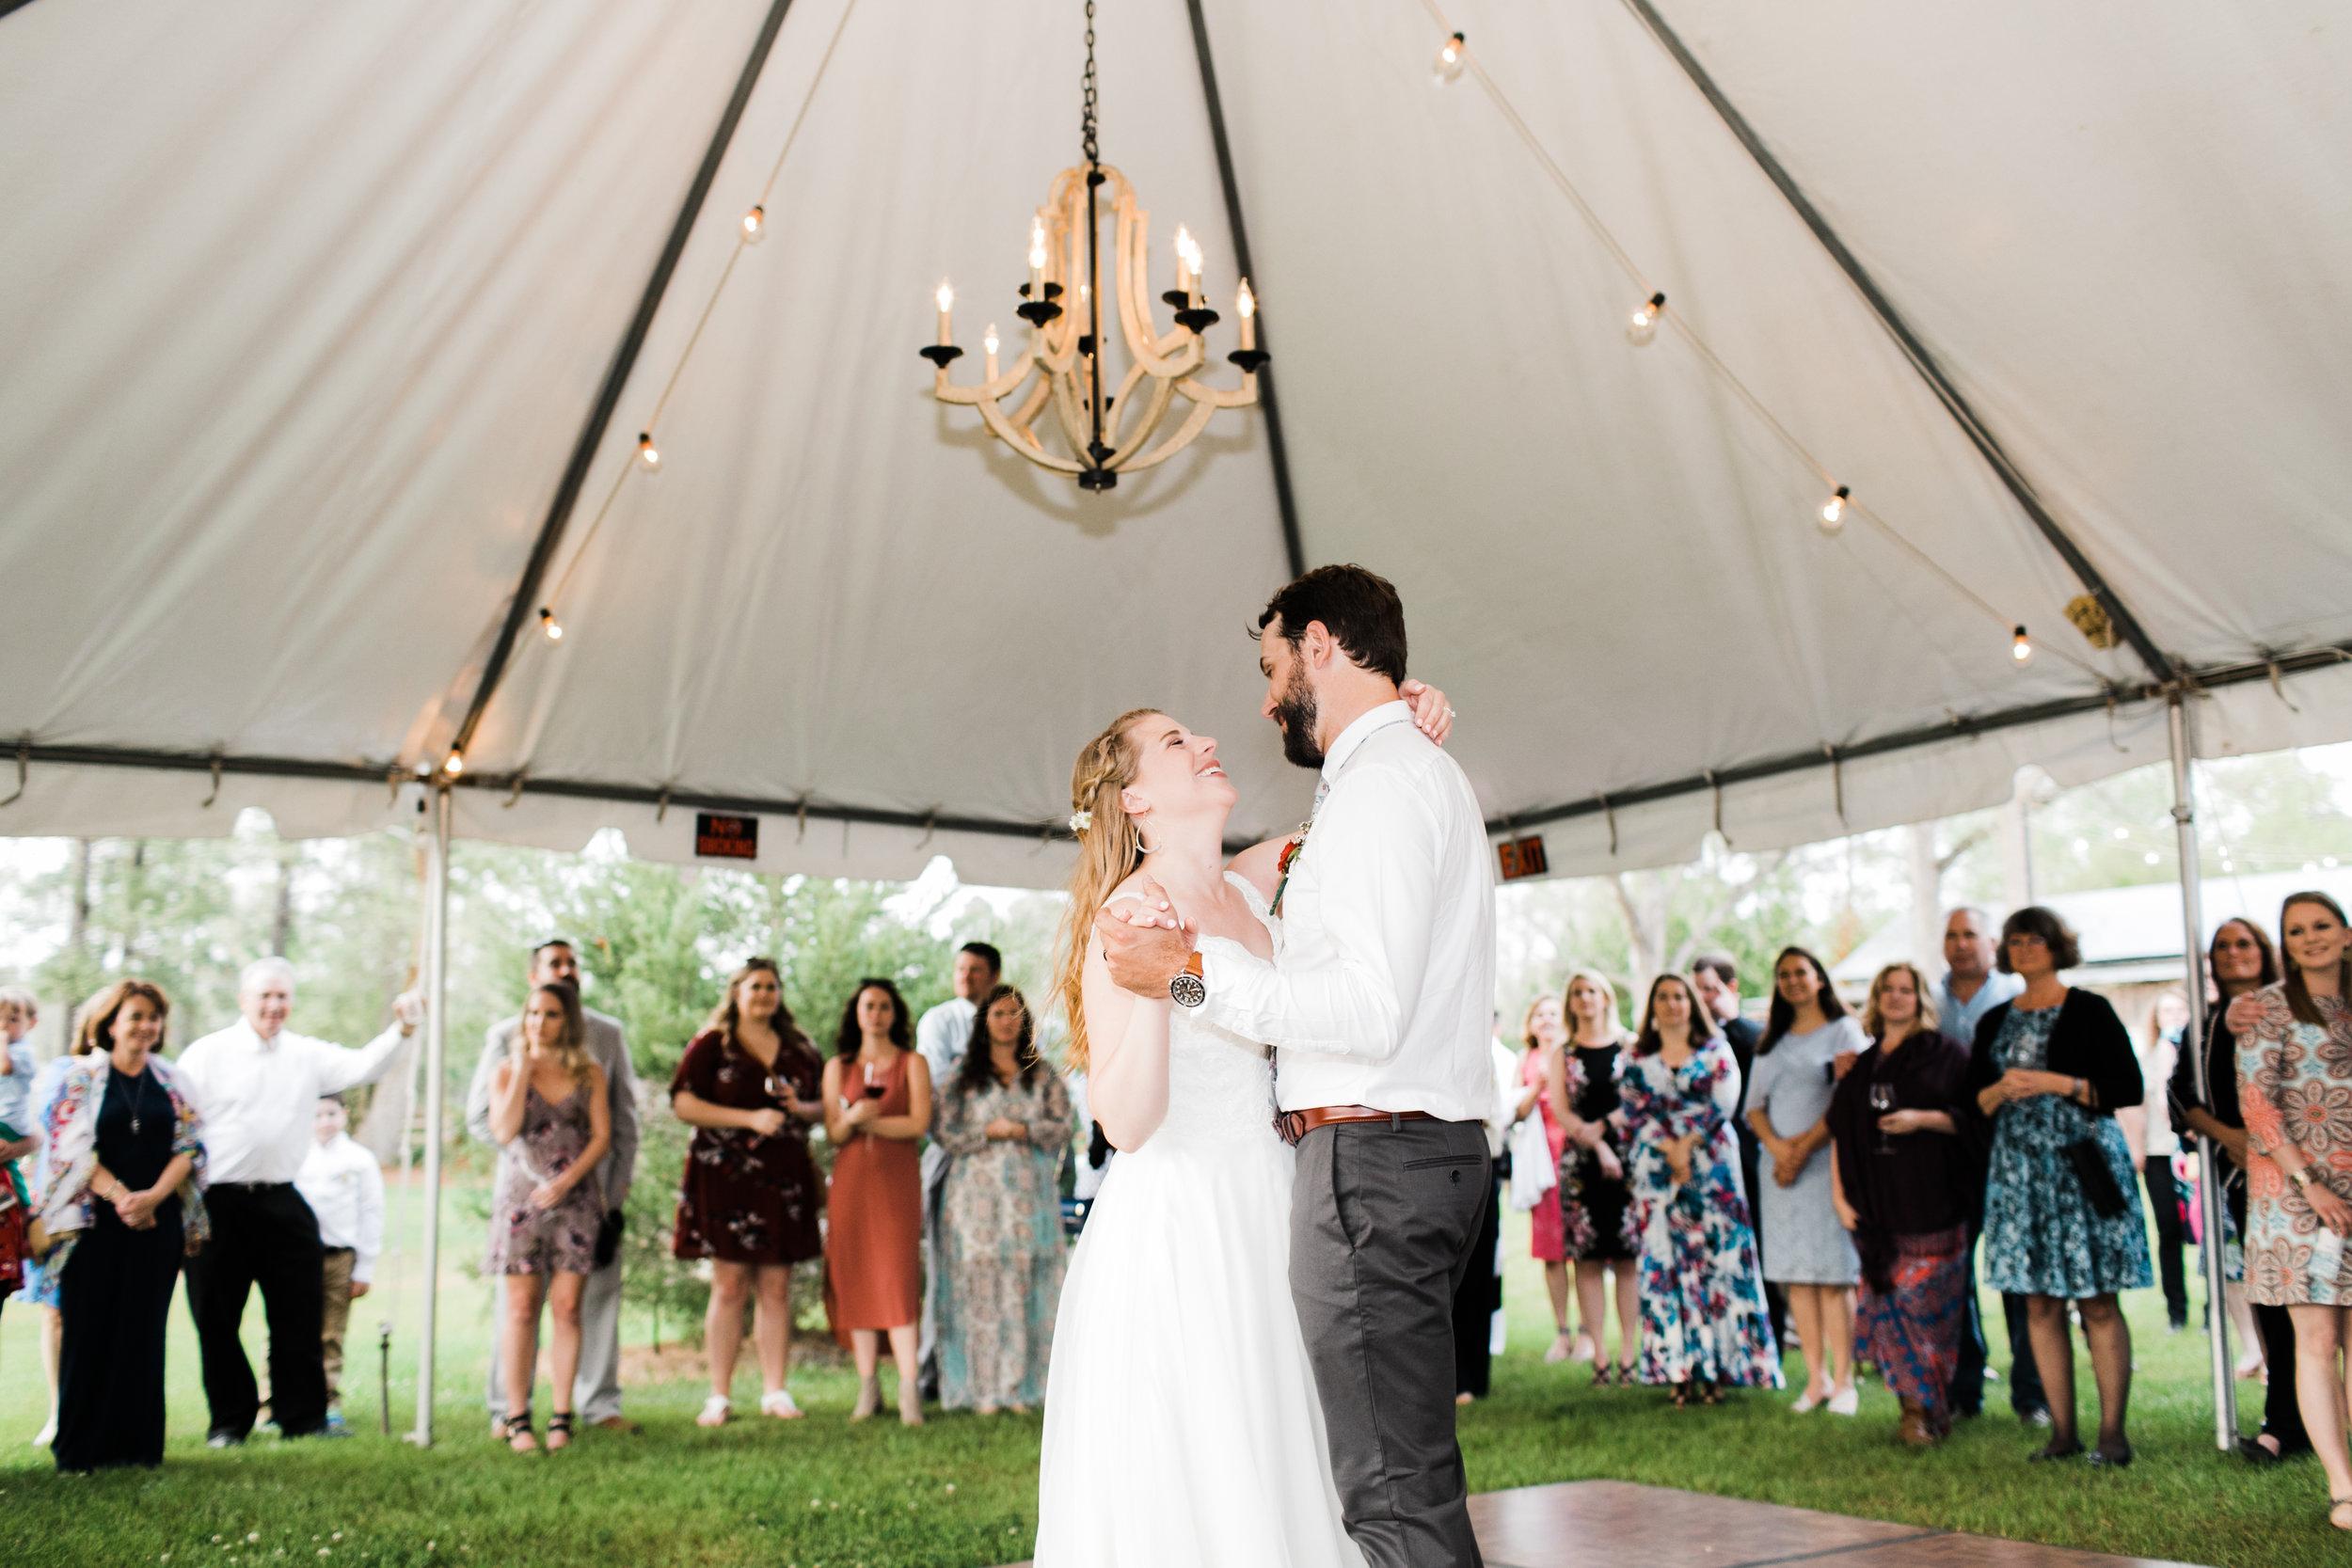 Wilmington wedding venue